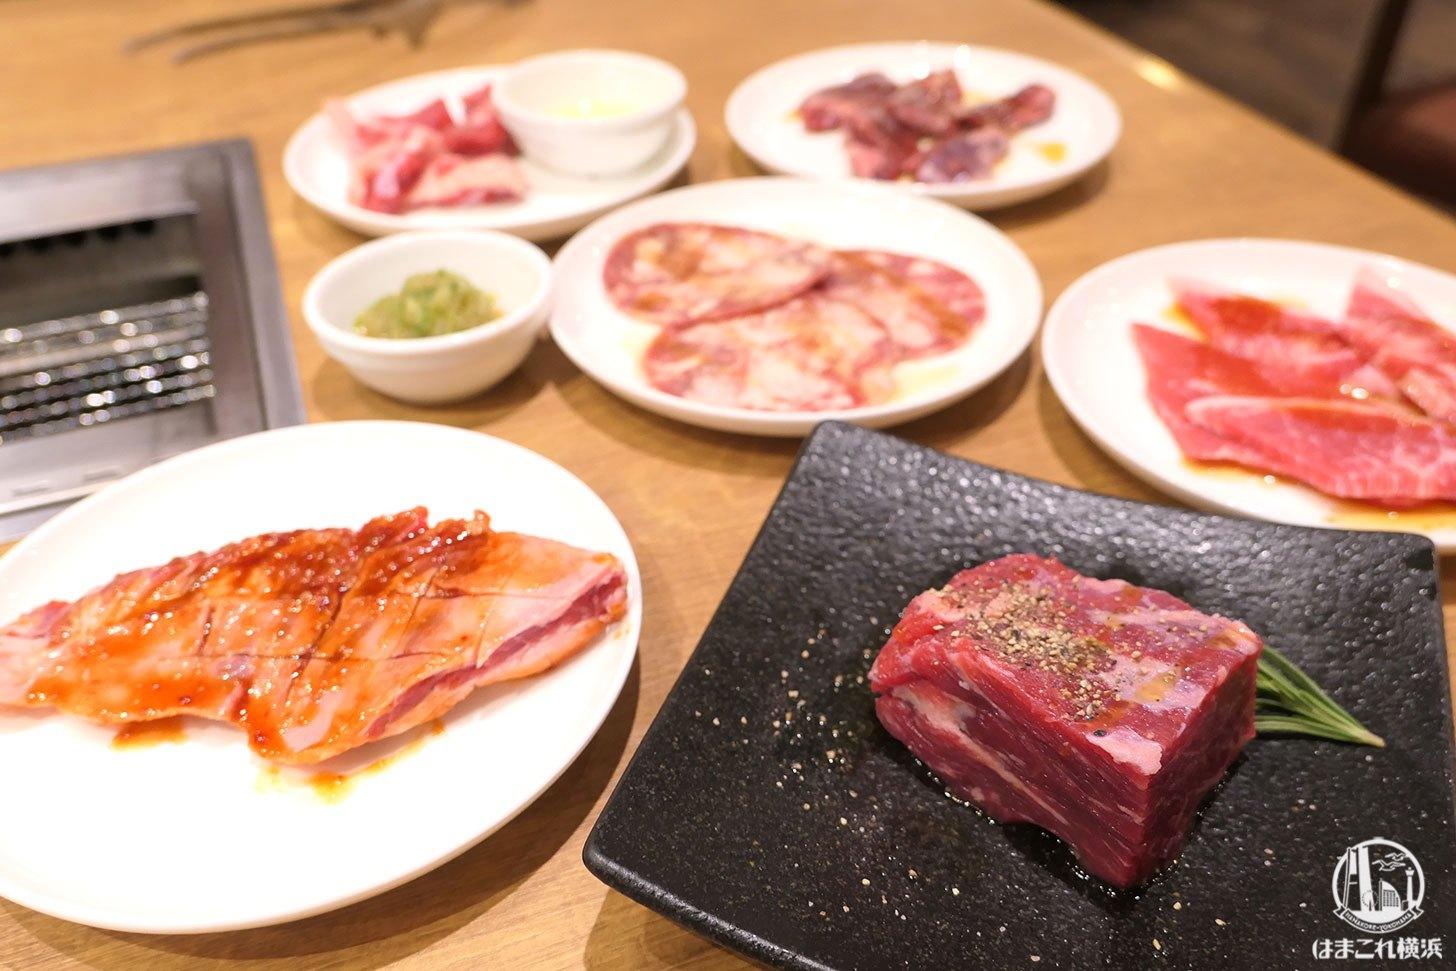 横浜のプレミアムカルビ上大岡店で焼肉食べ放題!業務スーパー発の焼肉店